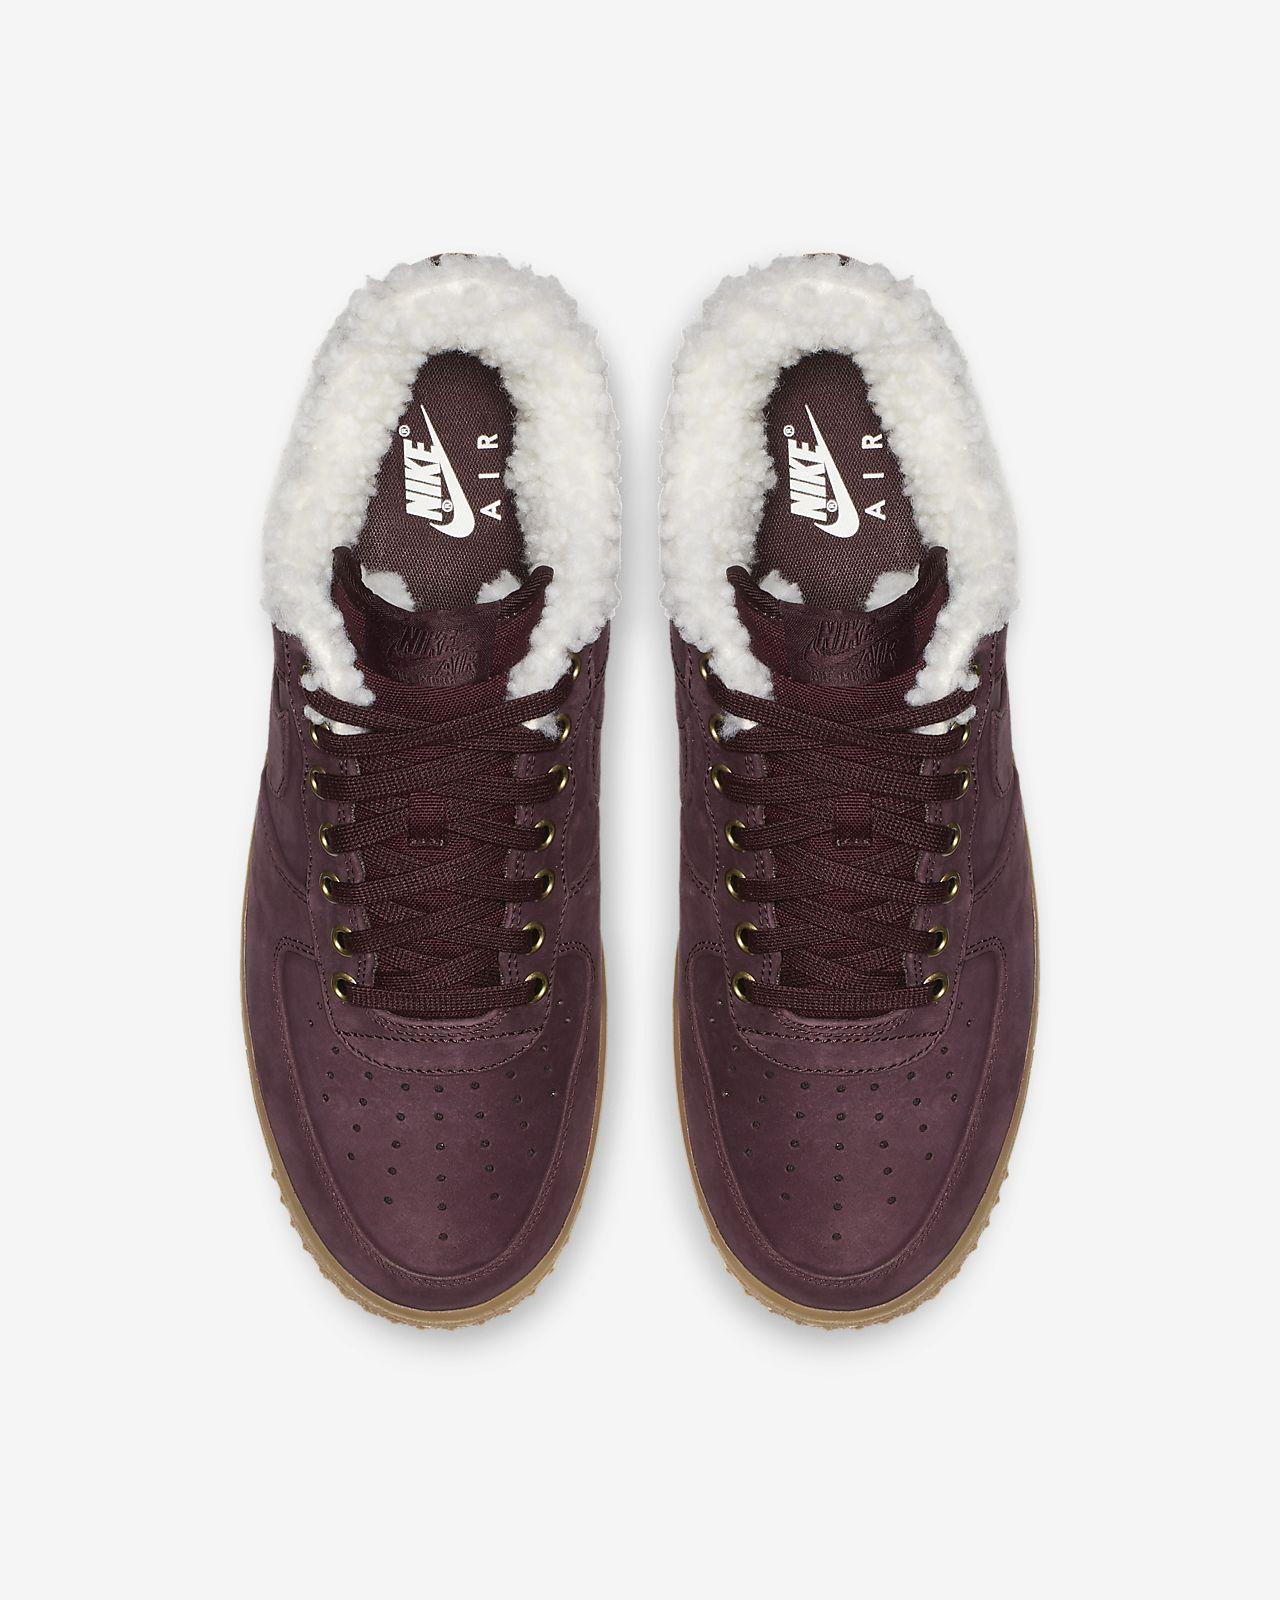 wholesale dealer afea4 8d5f0 ... Nike Air Force 1 Premium Winter Men s Shoe